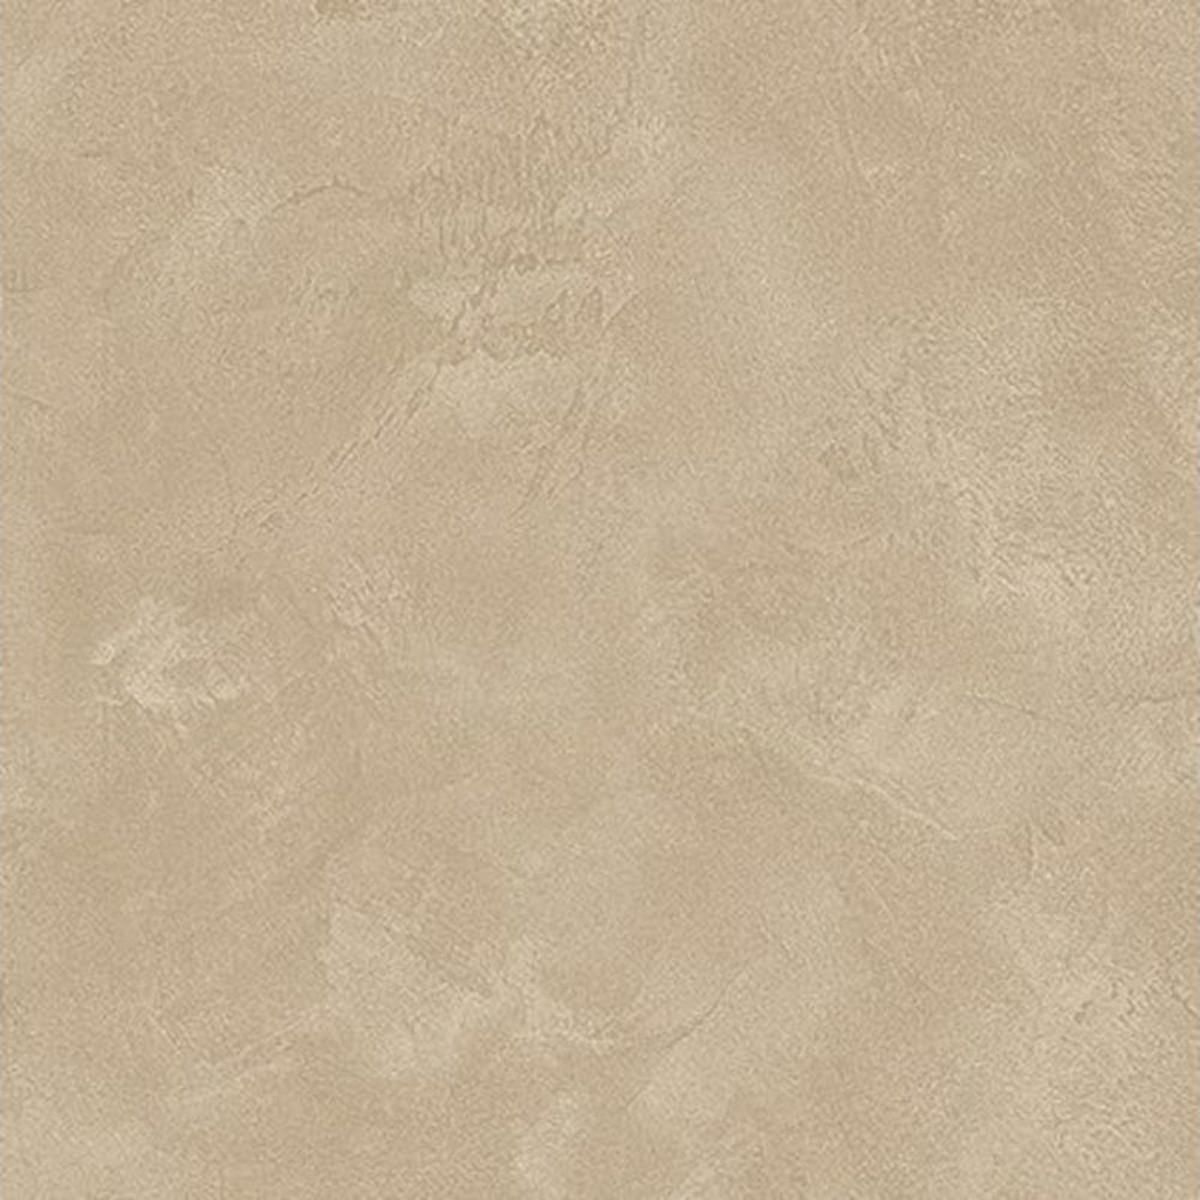 Обои виниловые Gaenari коричневые 1.06 м 85090-7